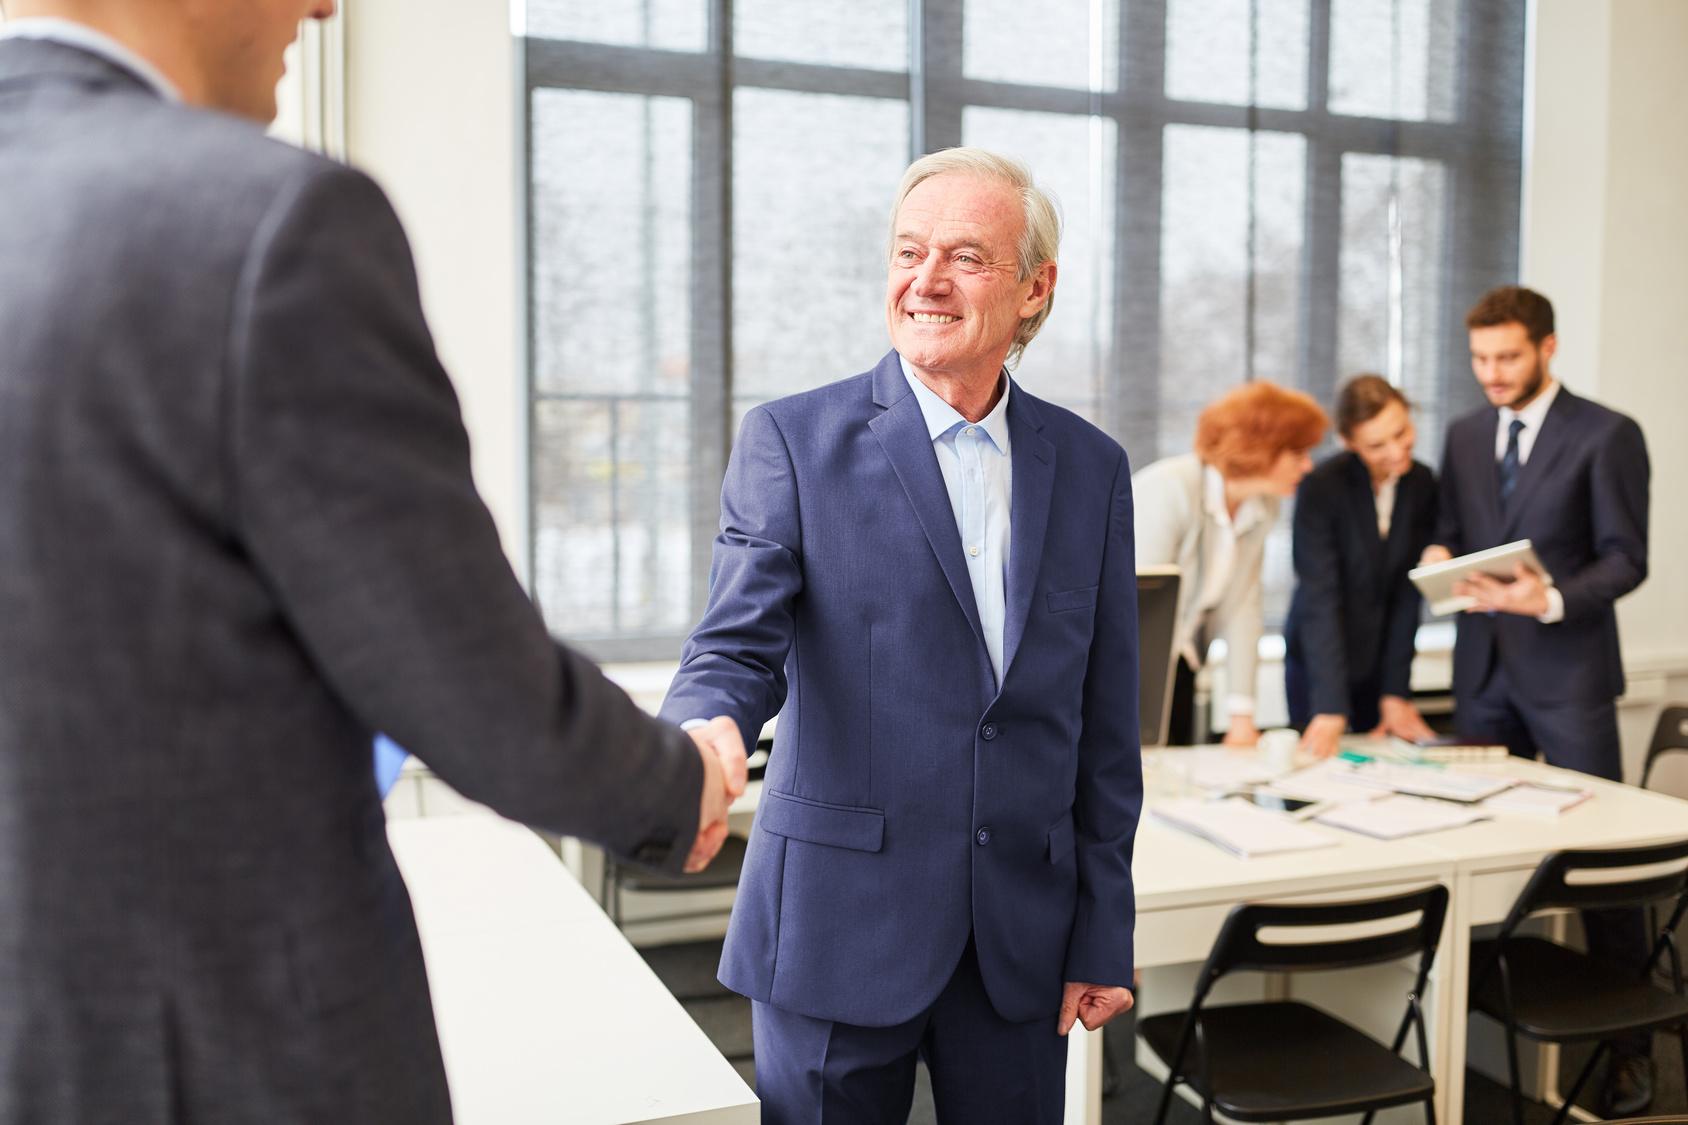 Nachfolge & Unternehmensverkauf mit Pensionszusage